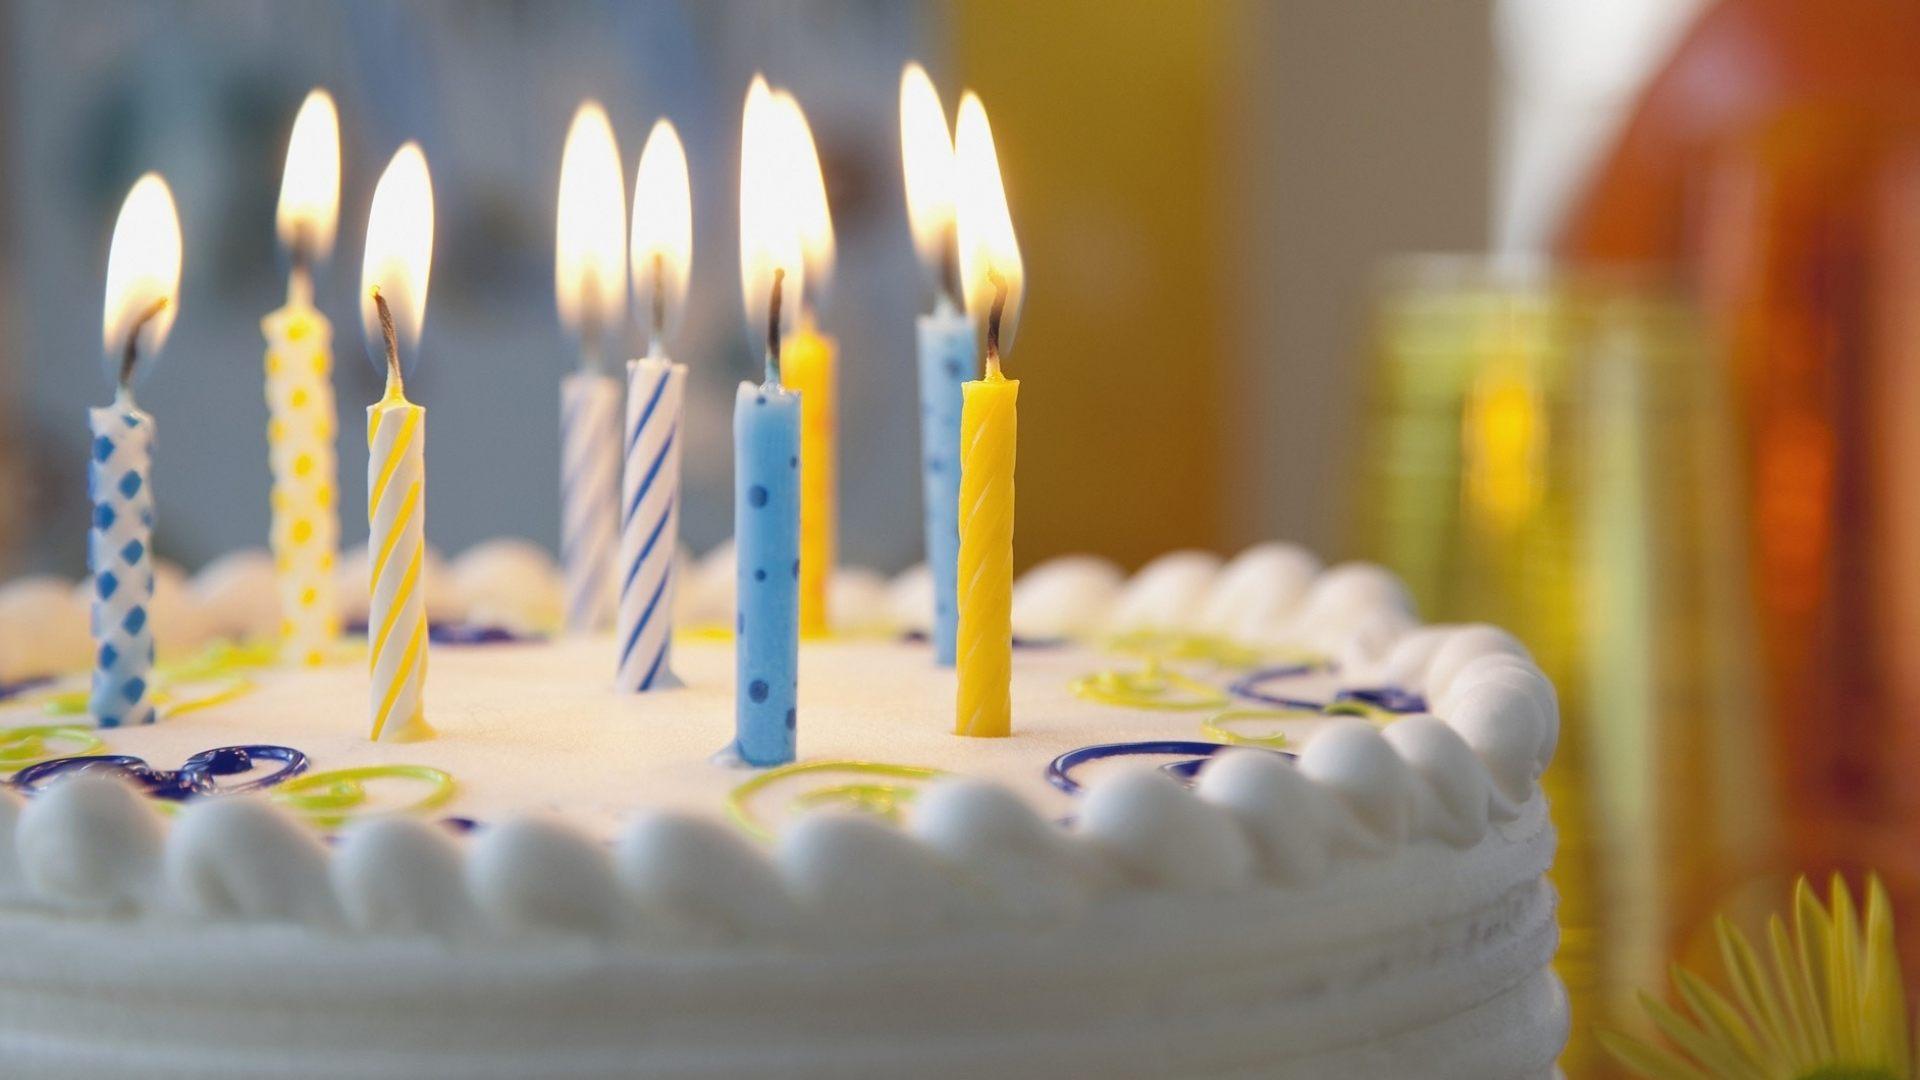 Торт со свечами открытка с днем рождения маме экземпляр тот